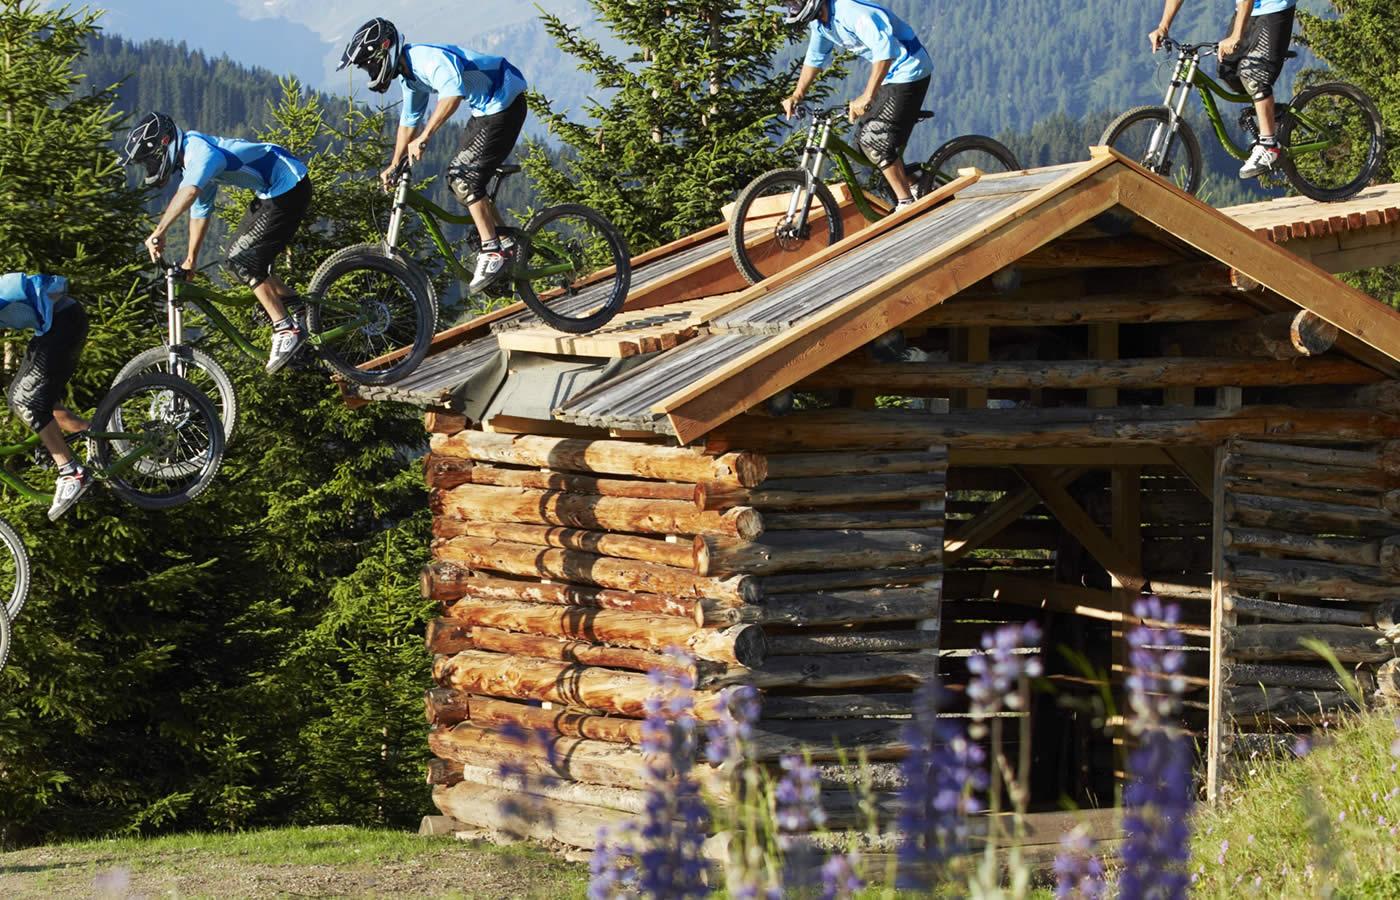 Sprung Holzhütte im Bikepark SFL in Tirol. Hotel Natürlich in Fiss in bester Lage Nahe zum Bikepark - Bikeparknähe.